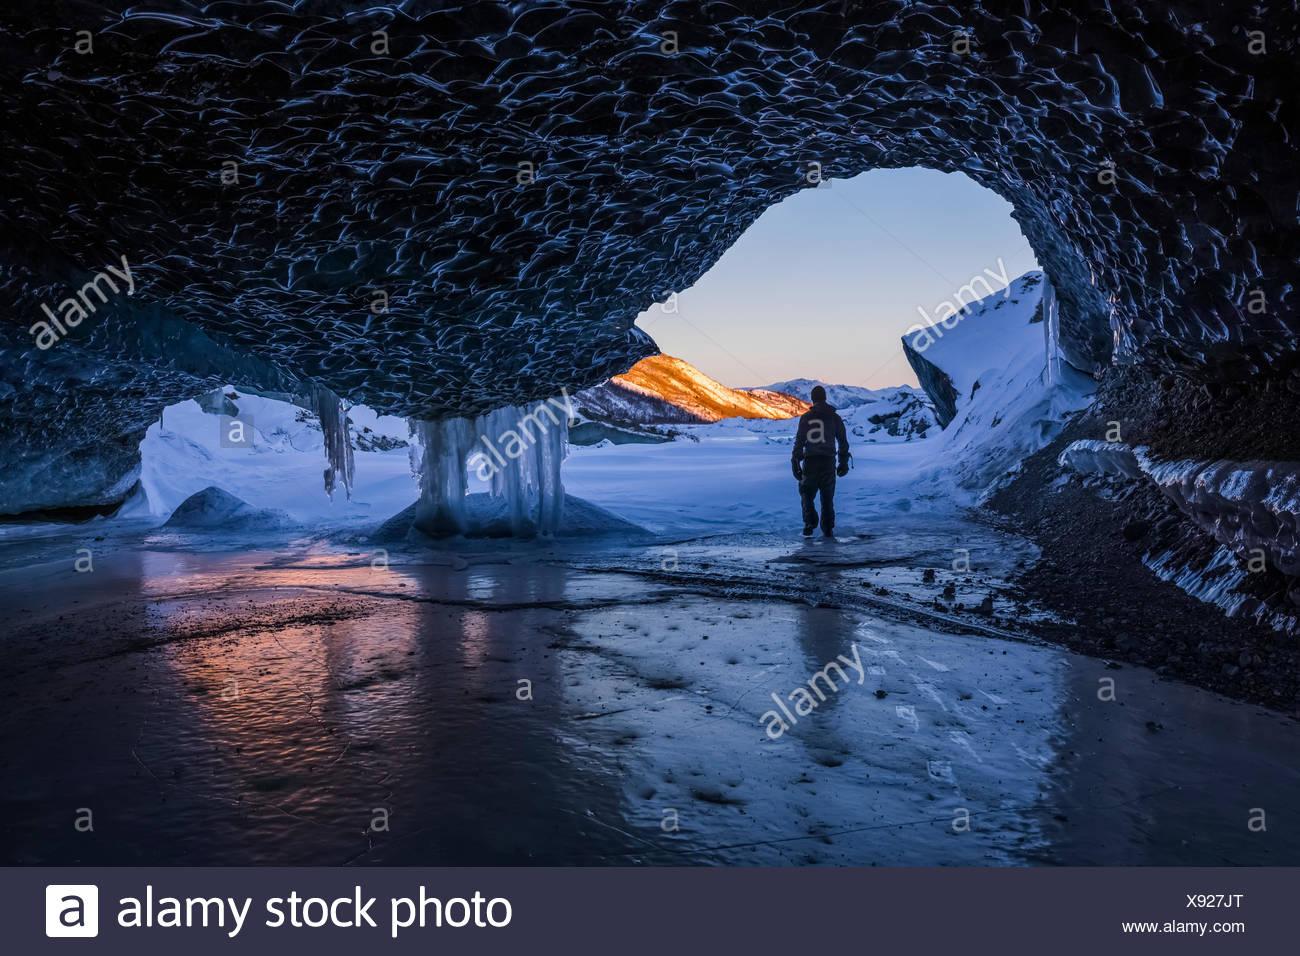 Un homme marche à l'entrée d'un tunnel de glace au terminus de Canwell Glacier dans la chaîne de l'Alaska à la mi-hiver, Alaska, États-Unis d'Amérique Photo Stock